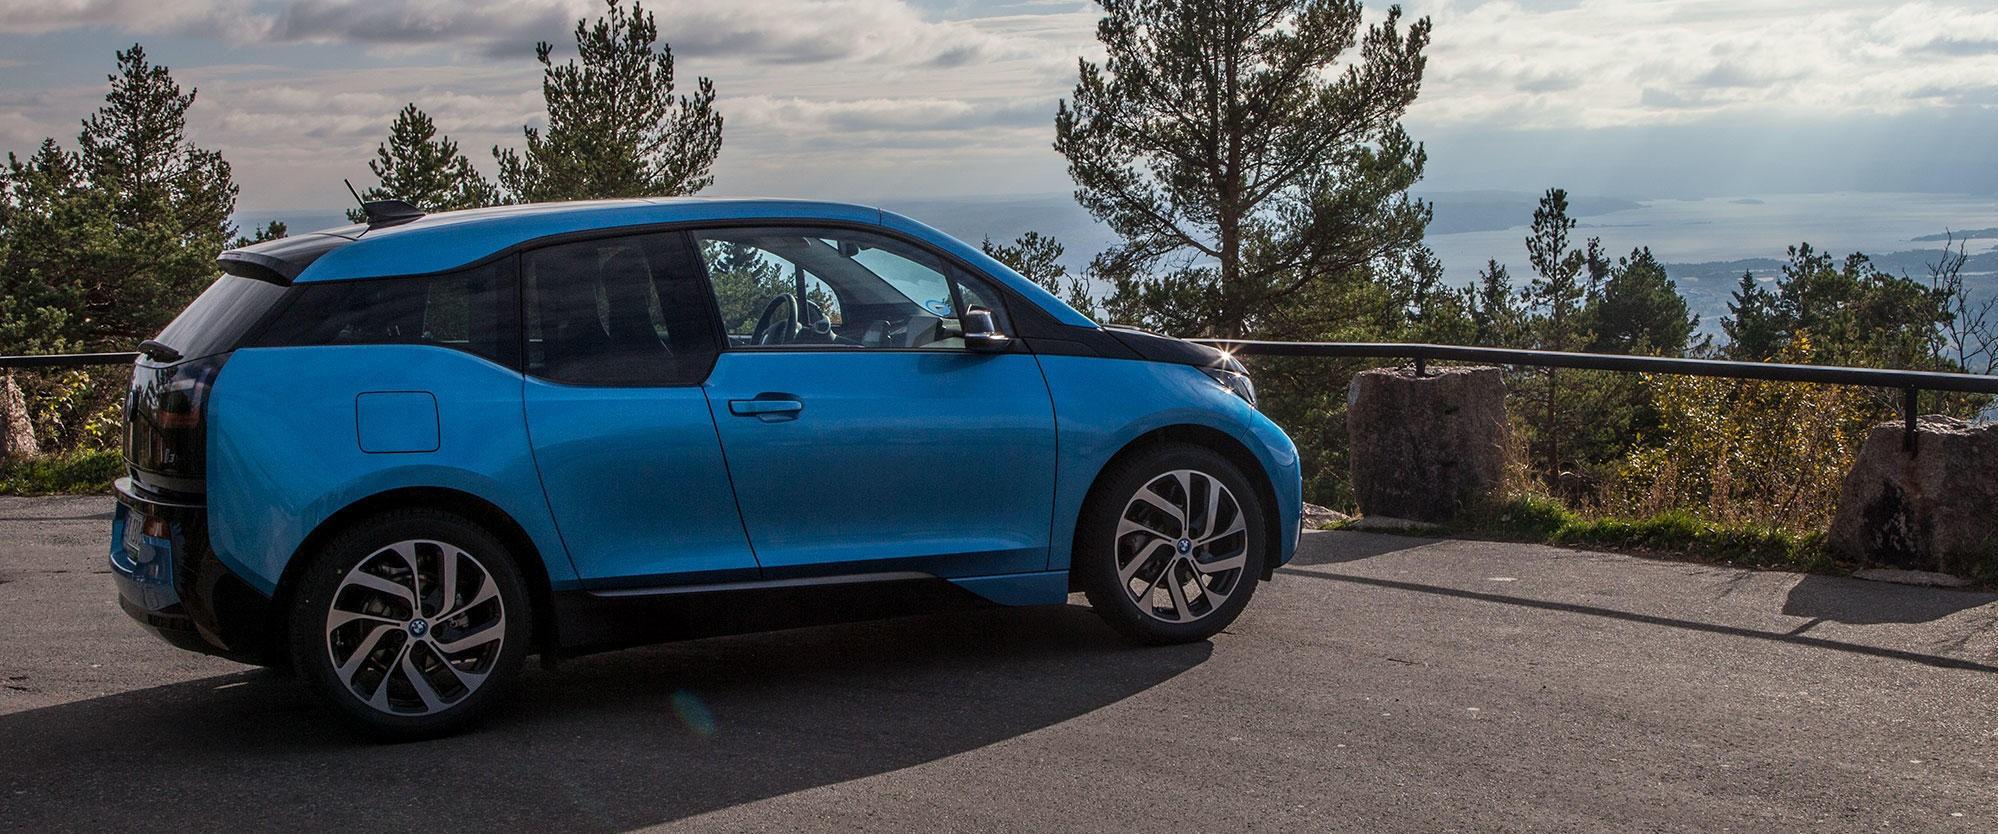 BMWs elbil i3 er en av Norges mest populære elbiler. Nå går produsenten i bresjen for å levere hurtigladestasjoner med en effekt på 450 kW. Det vil kunne lade kommende langdistanseelbiler på rundt 15 minutter.